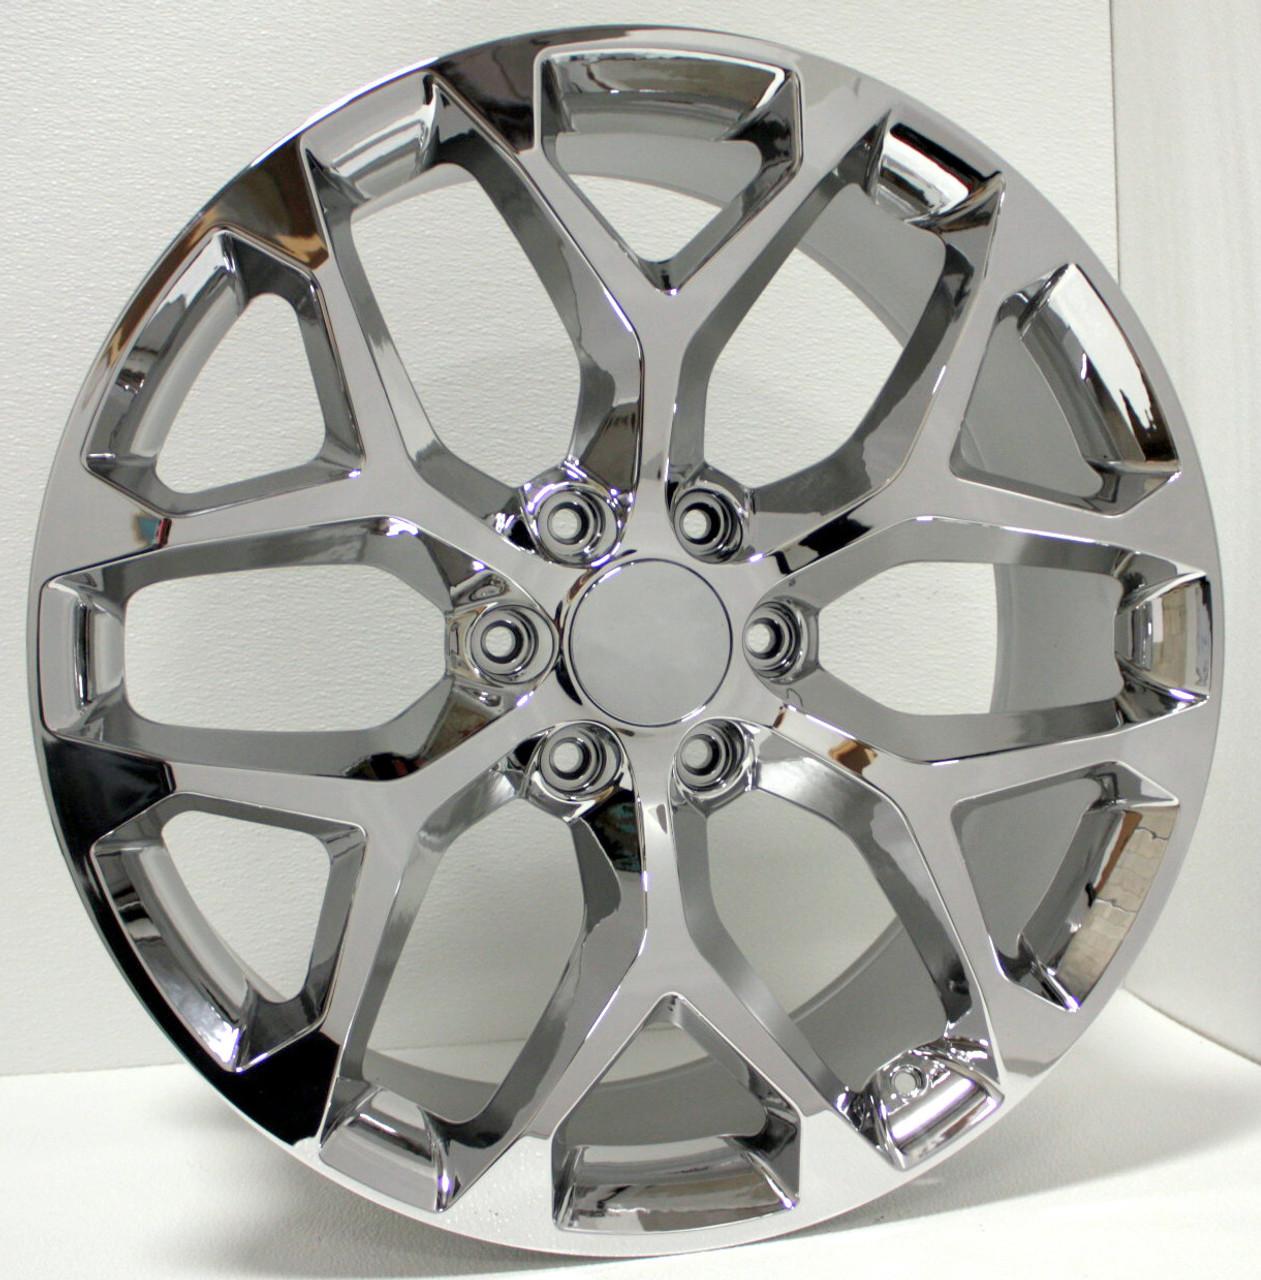 """Chrome 22"""" Snowflake Wheels for Chevy Silverado, Tahoe, Suburban - New Set of 4"""